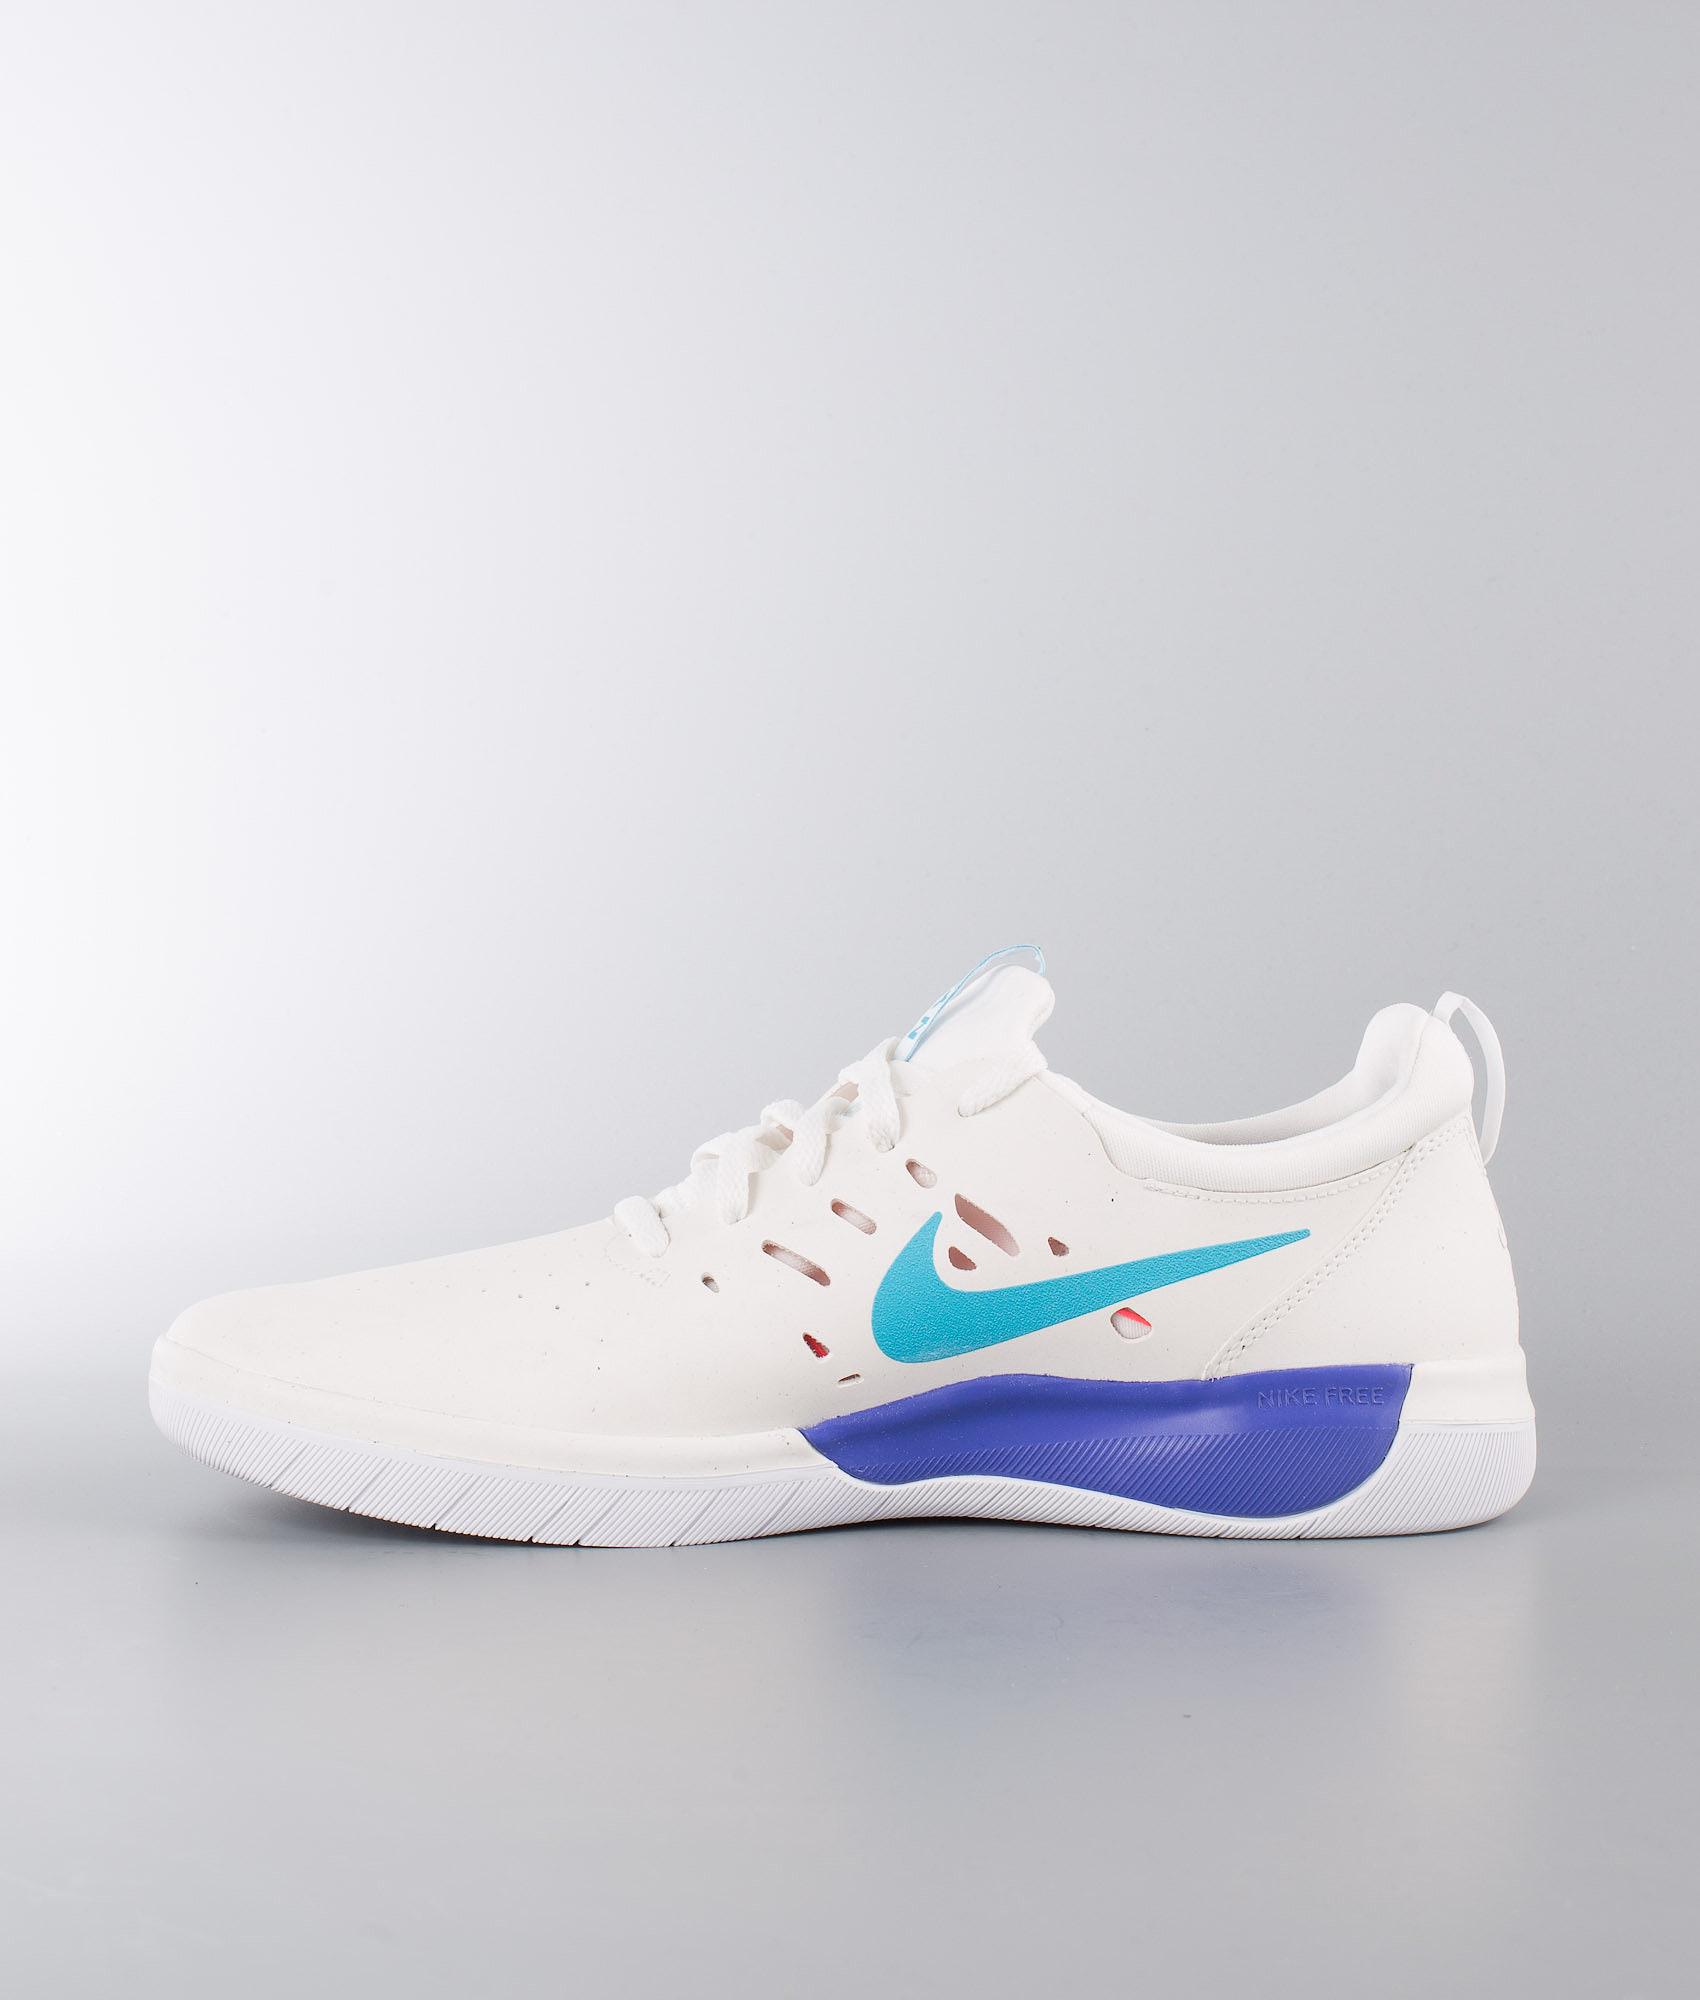 bb948b55a206 Nike Nyjah Free Shoes Summit White Lt Blue Fury-Solar Red ...